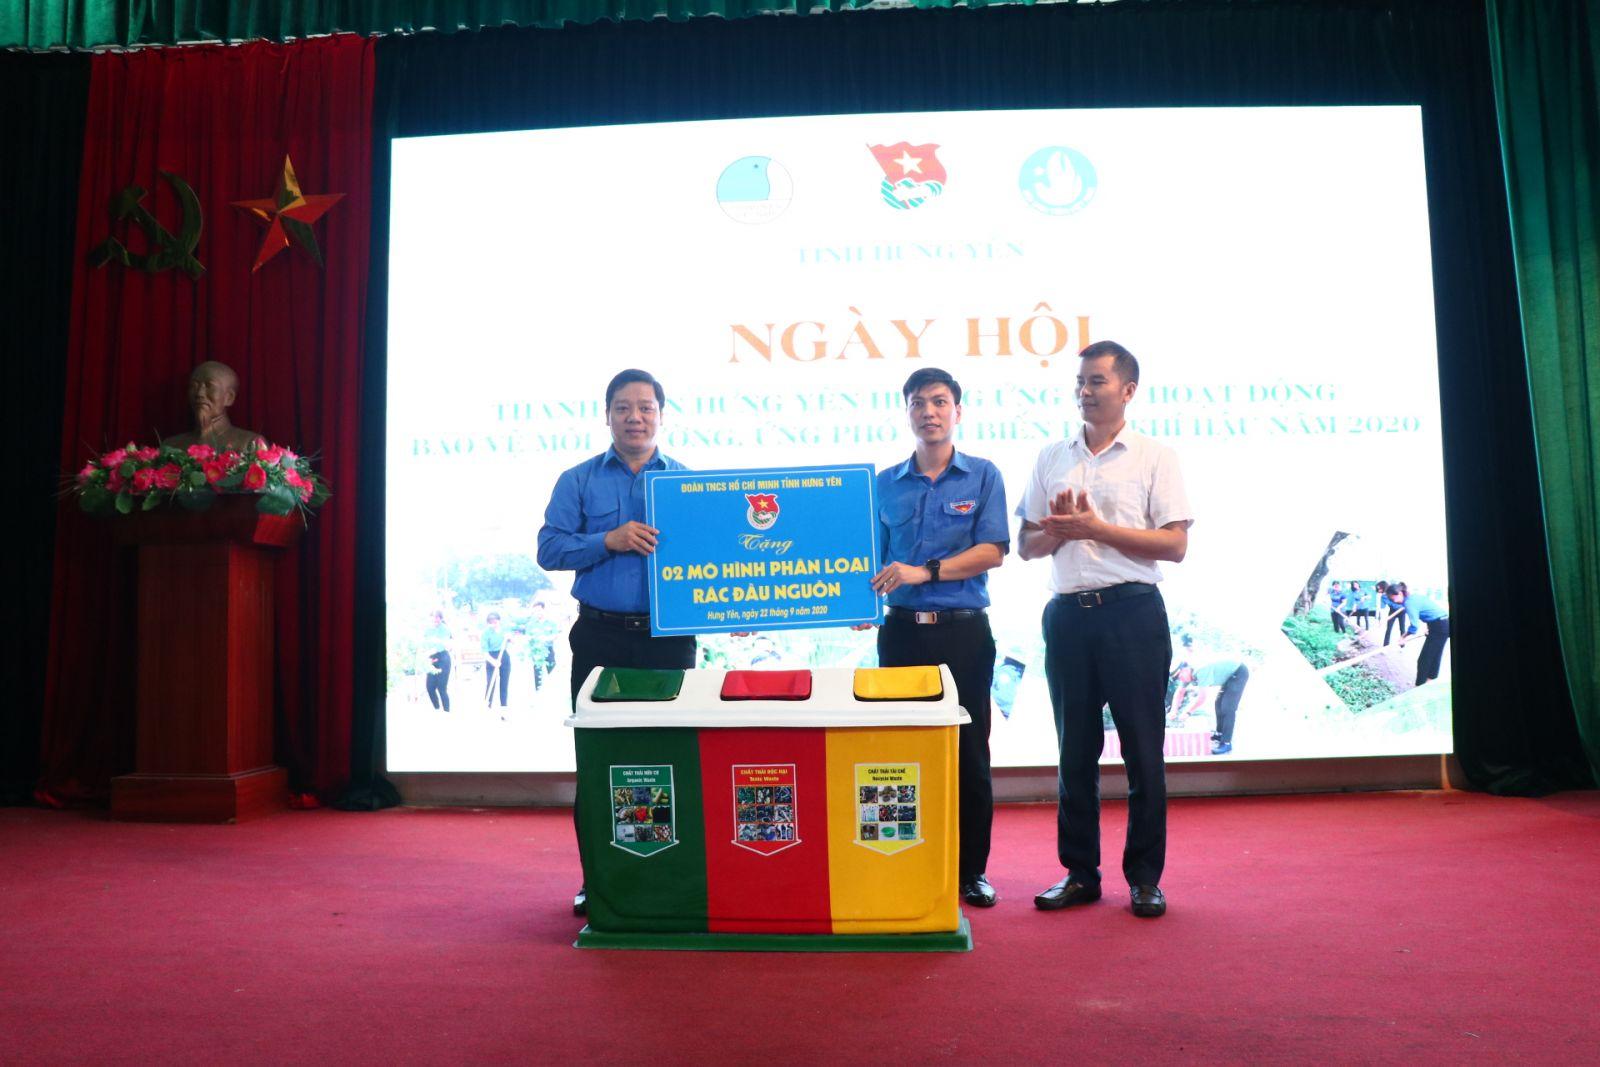 Ngày hội thanh niên Hưng Yên hưởng ứng các hoạt động  bảo vệ môi trường, ứng phó với biến đổi khí hậu